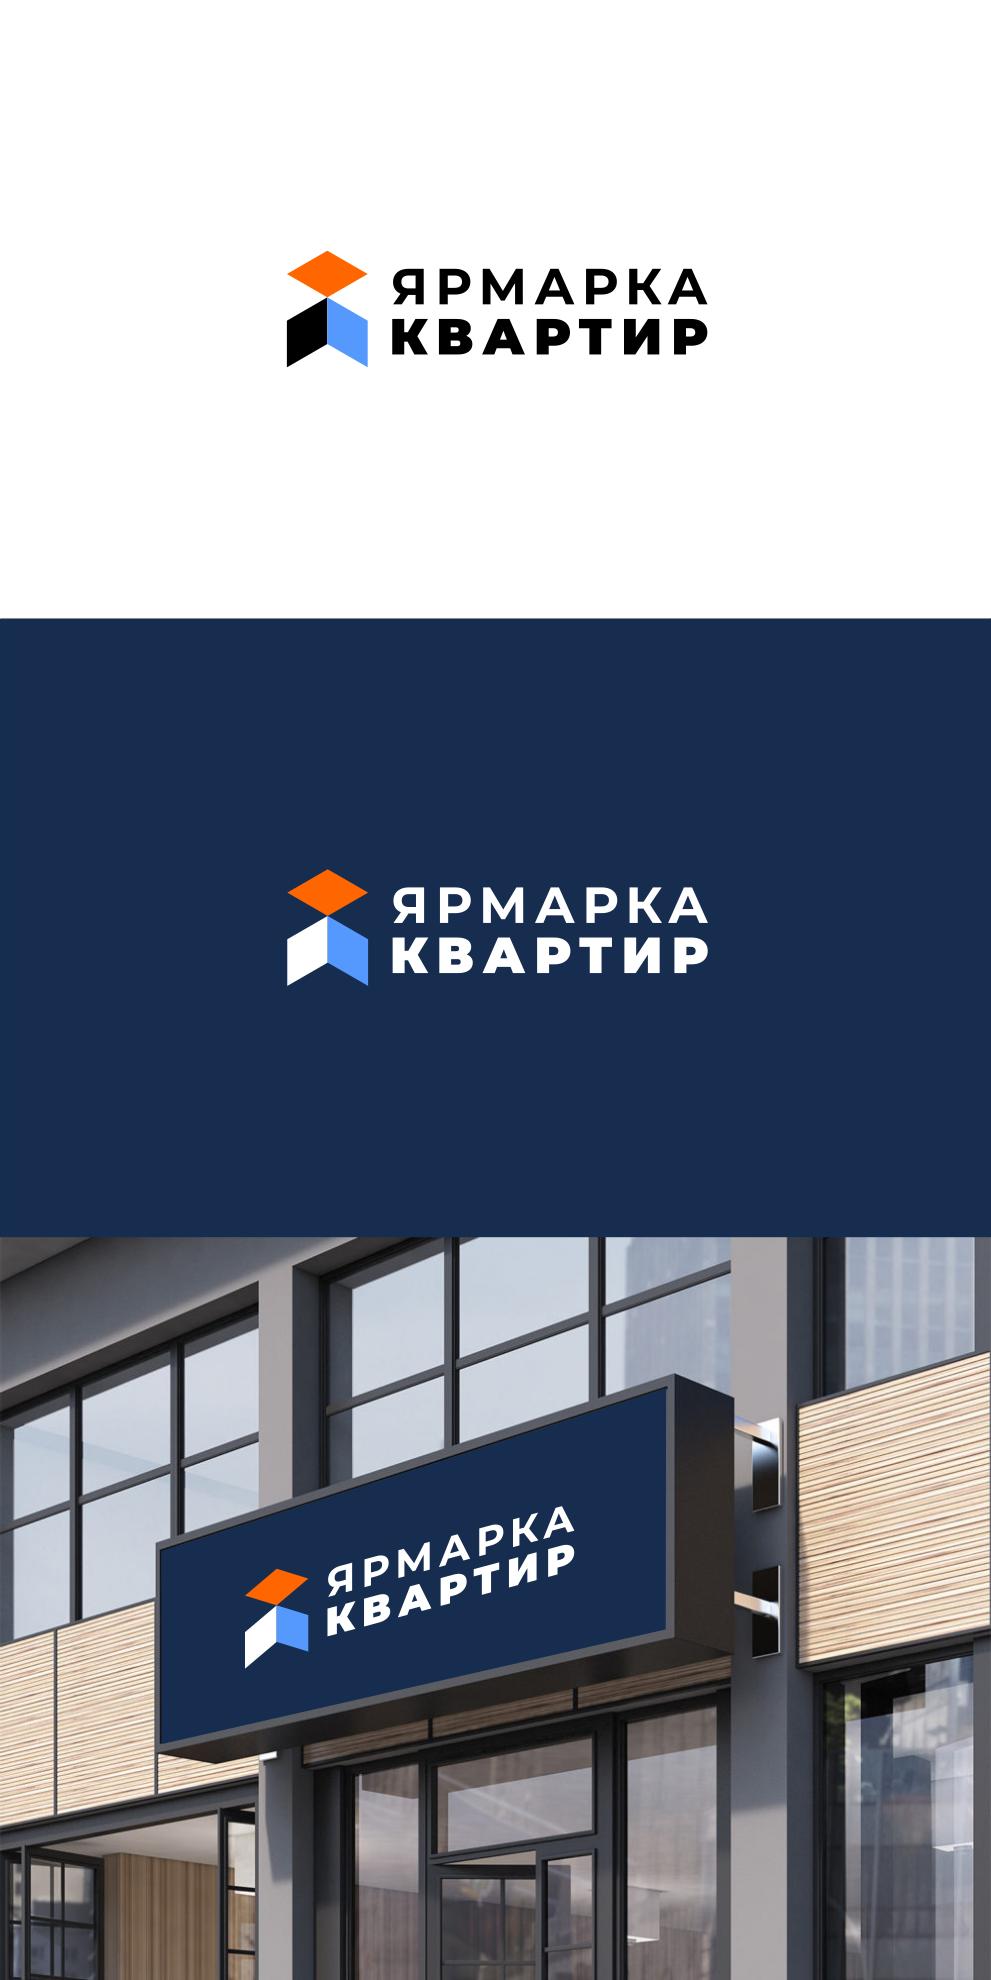 Создание логотипа, с вариантами для визитки и листовки фото f_2466005510e7aa10.png